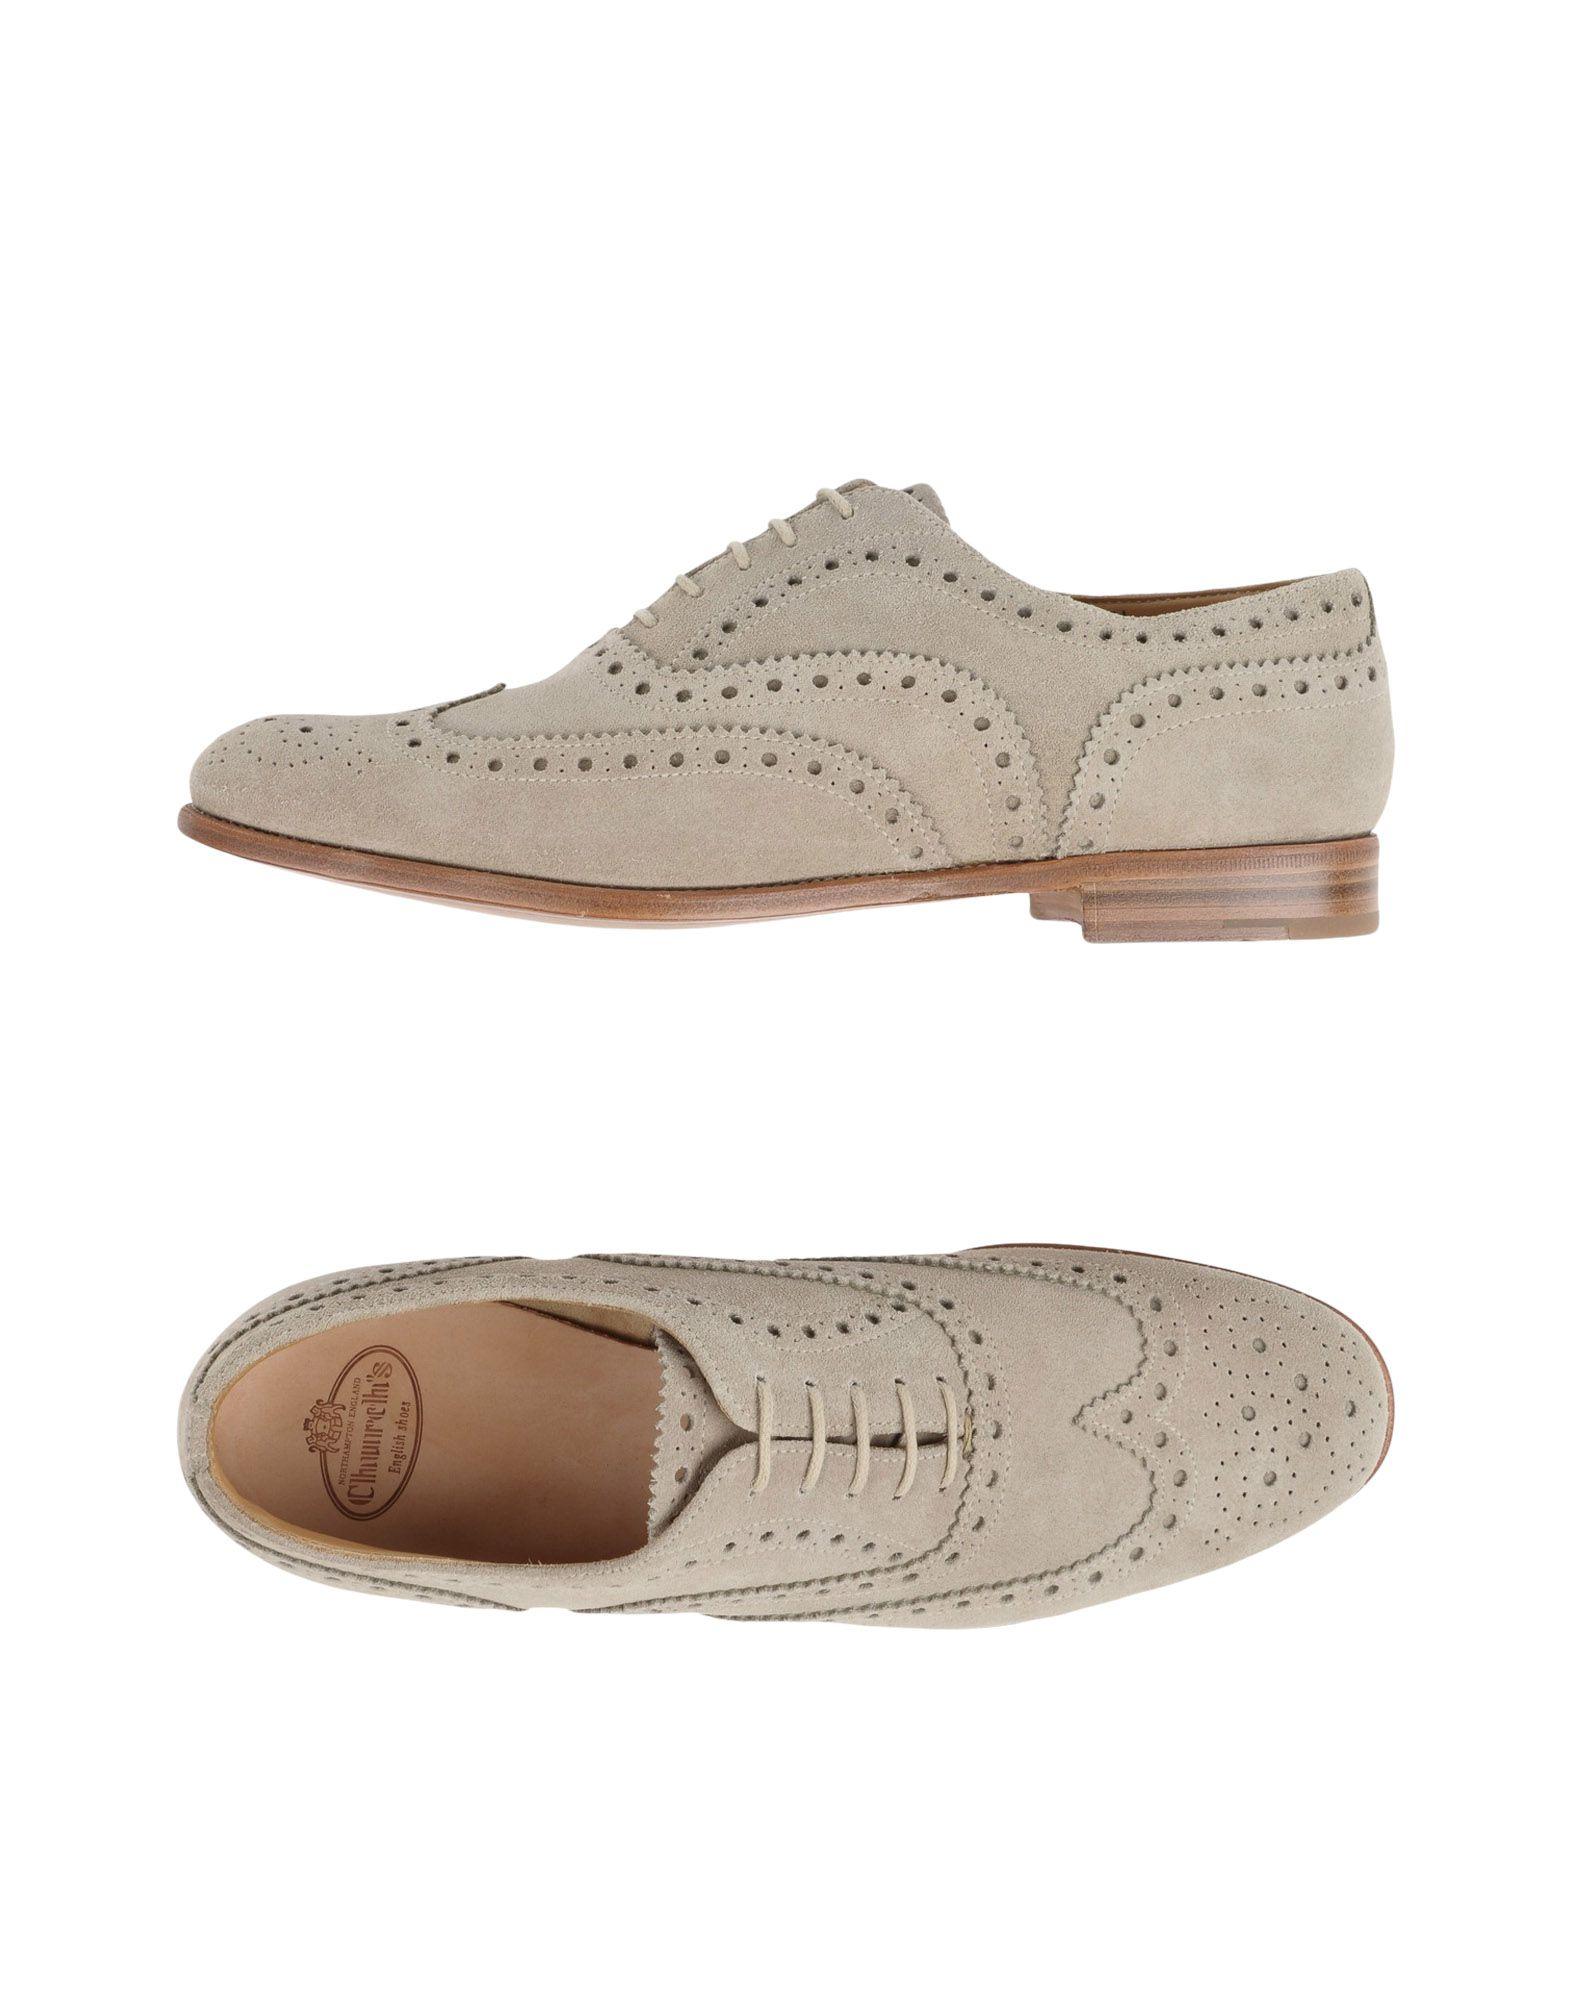 CHURCH´S Damen Schnürschuh Farbe Beige Größe 3